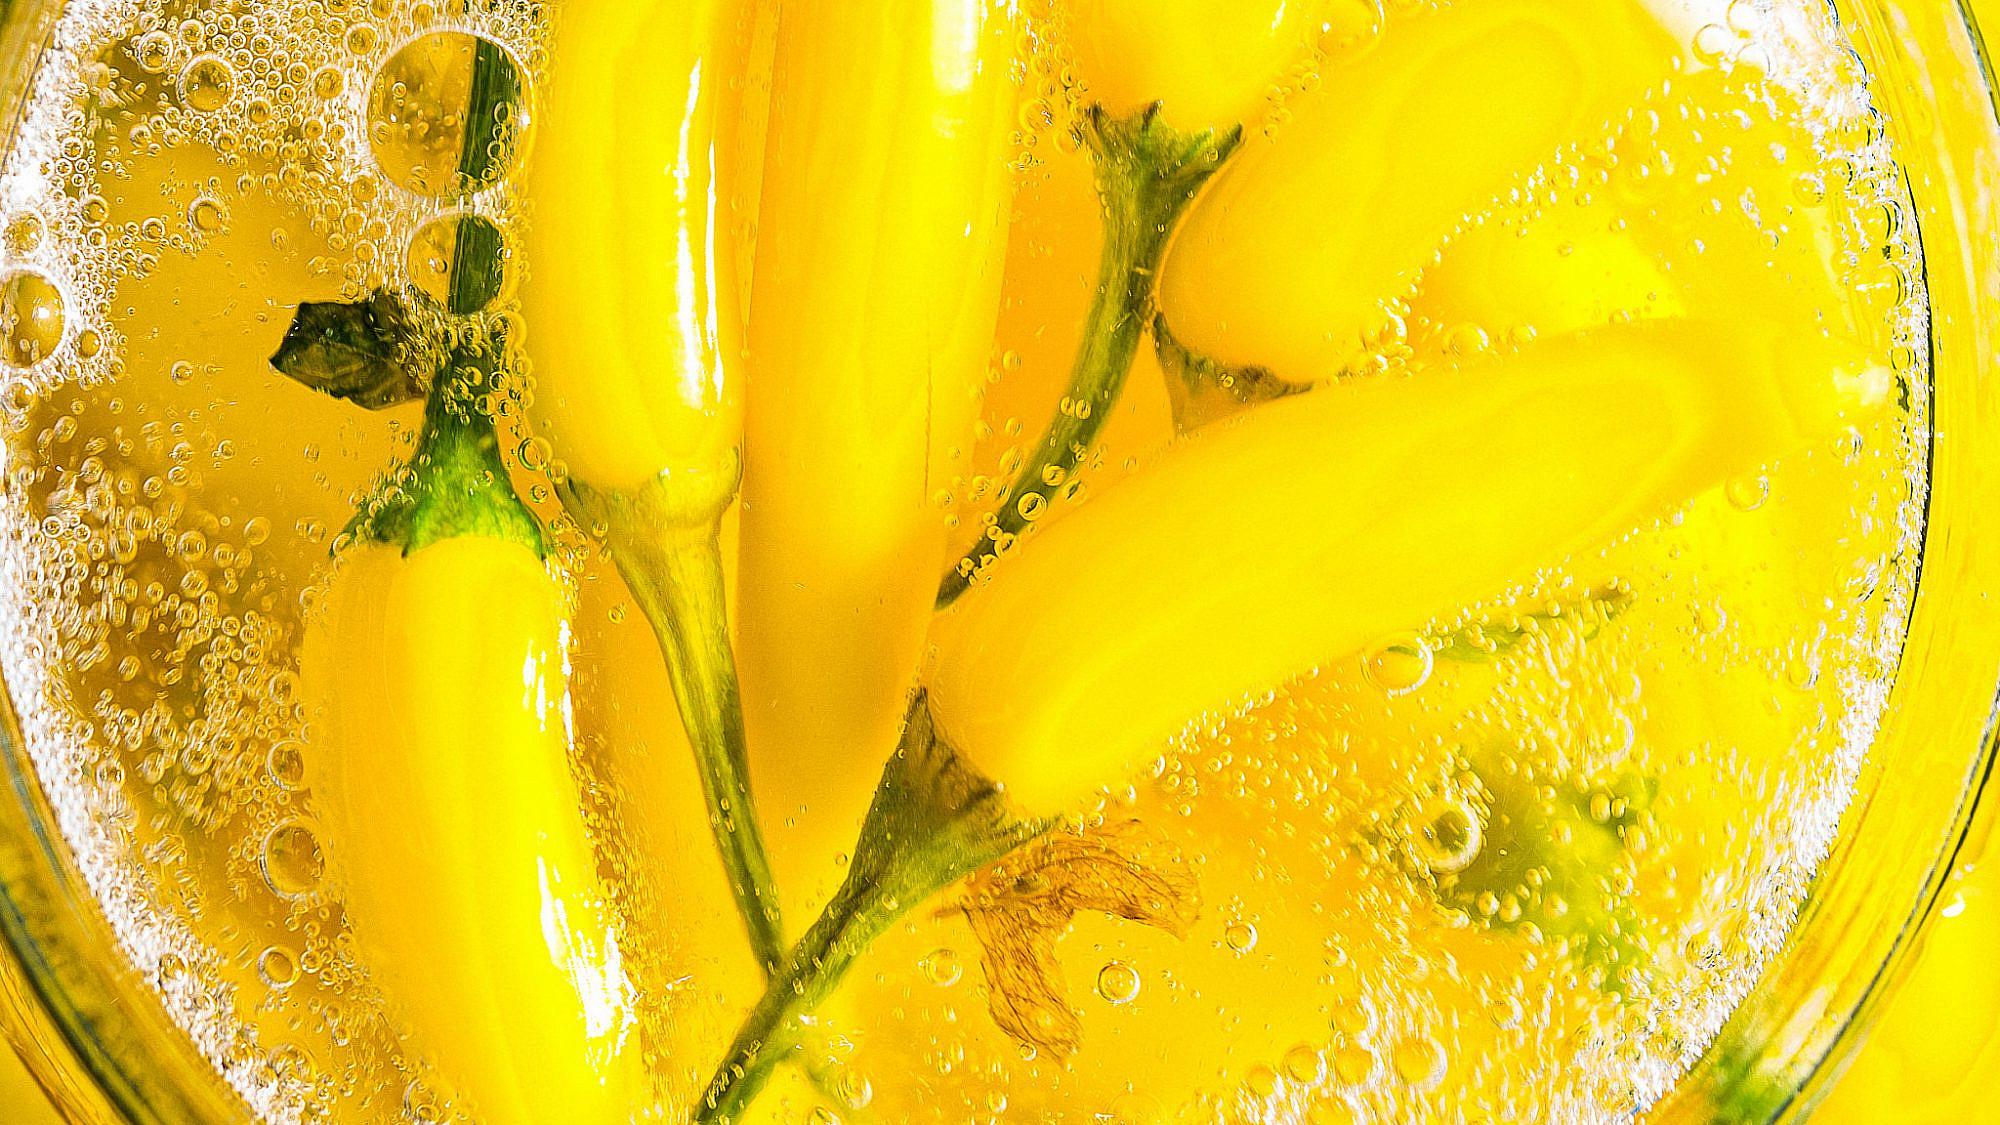 צ'ילי מותסס בתמיסת מלח של נועה לוי   צילום: מידן גיל ארוש, אסיסטנטית: ורד שובל